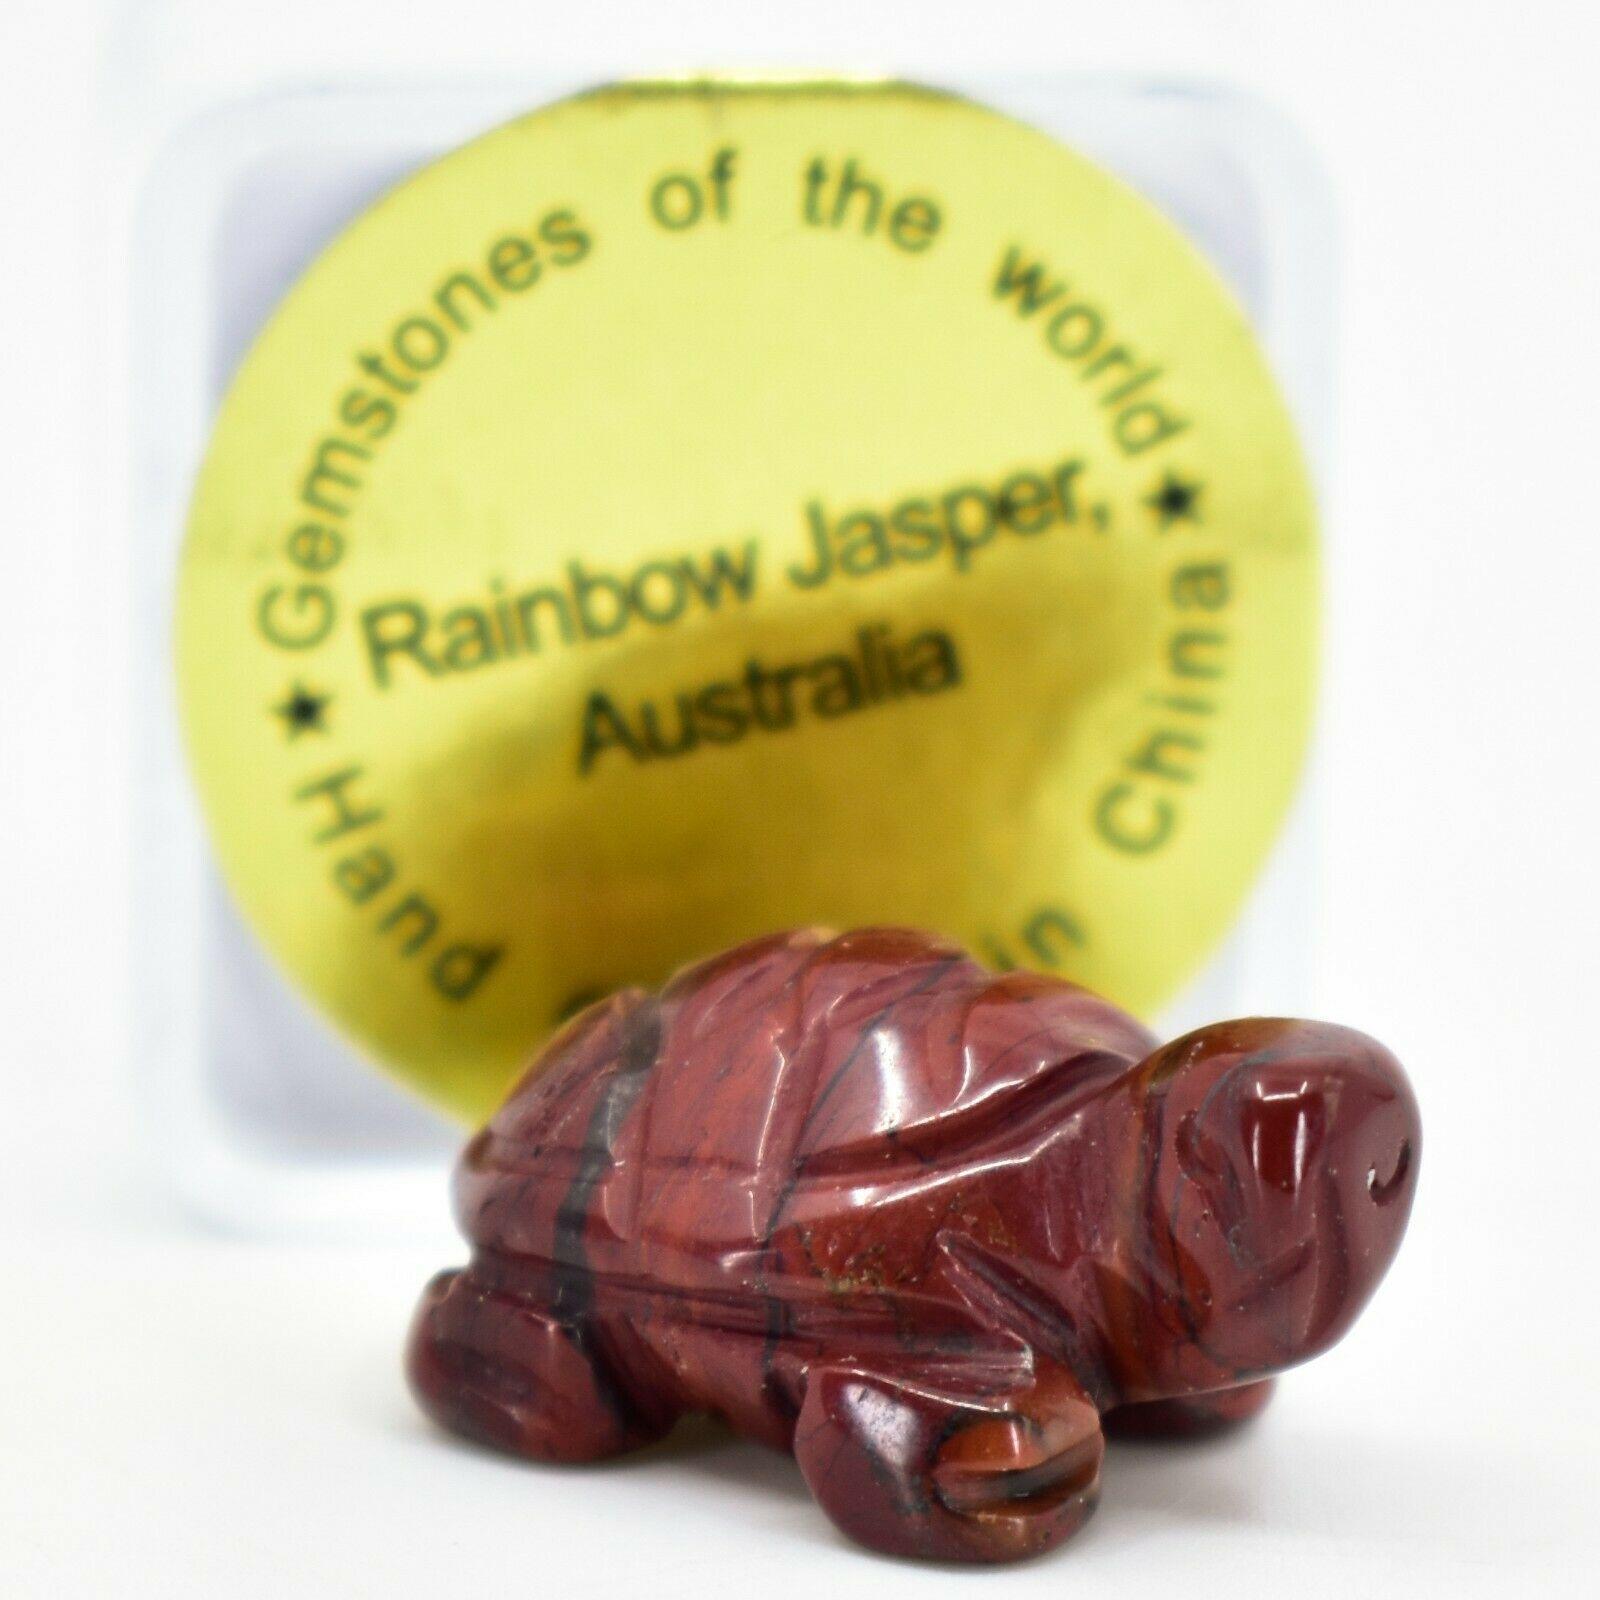 Rainbow Jasper Gemstone Tiny Miniature Turtle Hand Carved Stone Figurine